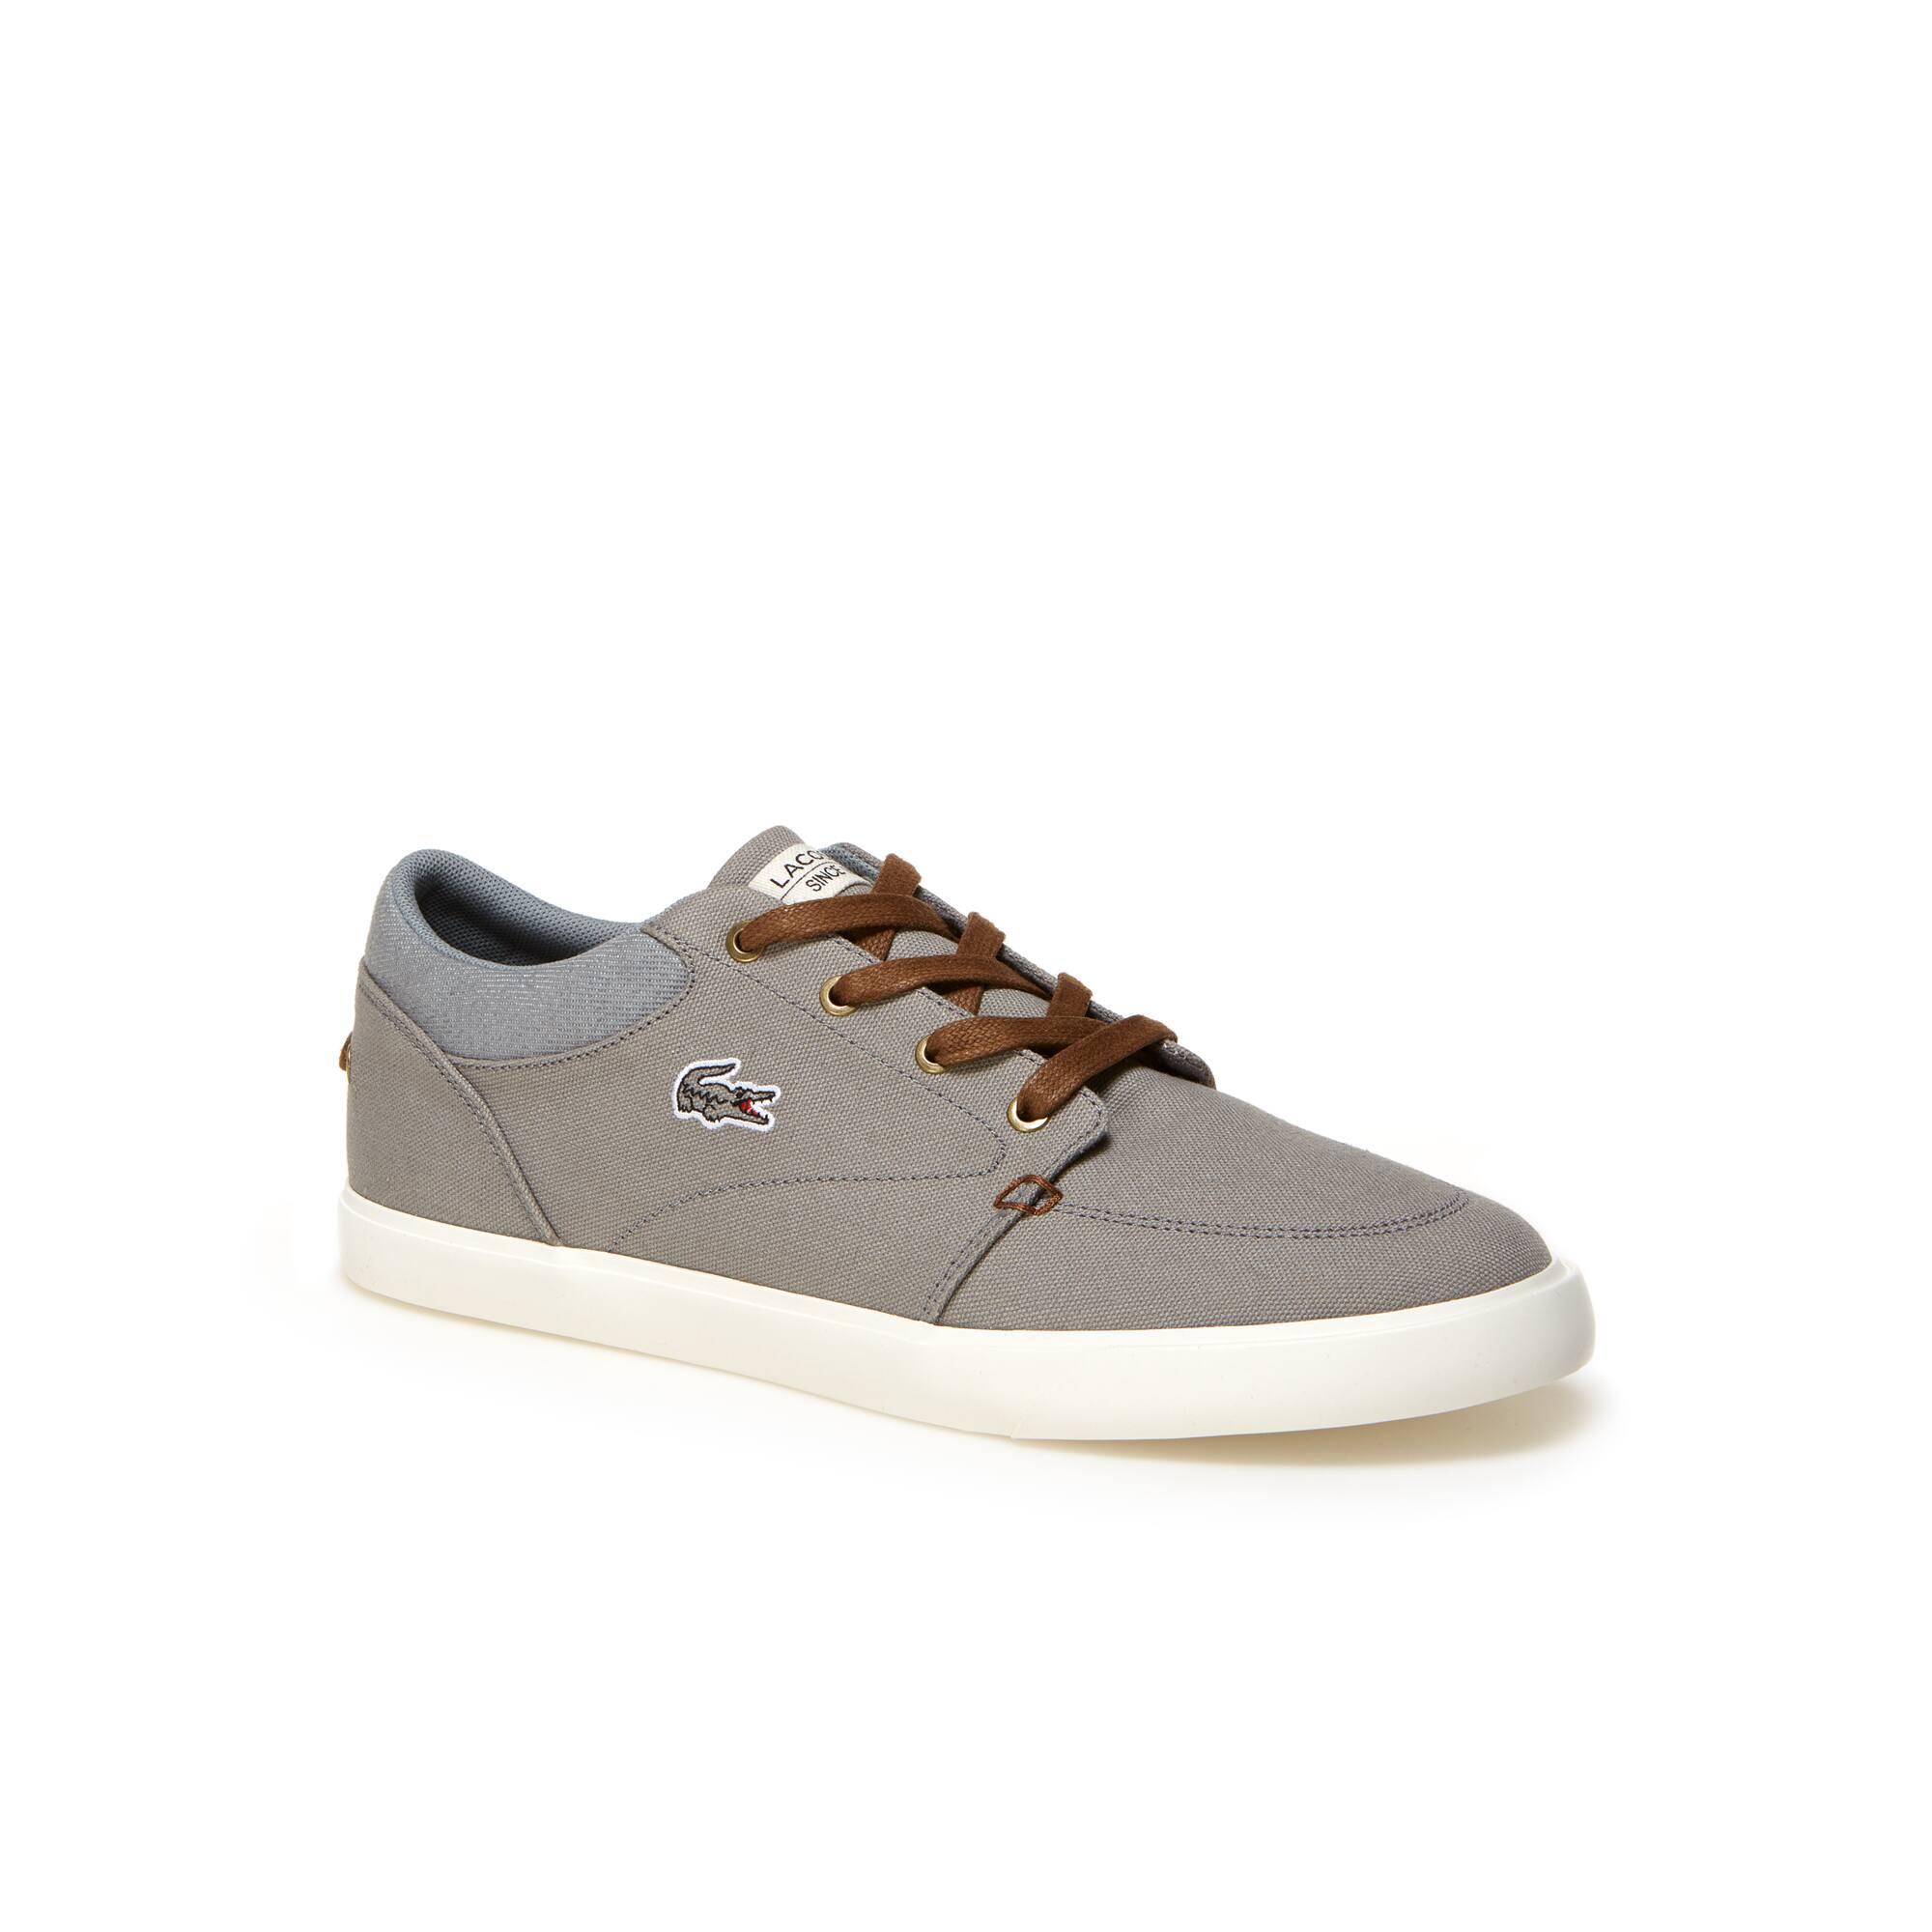 Sneakers Bayliss Vulc en toile